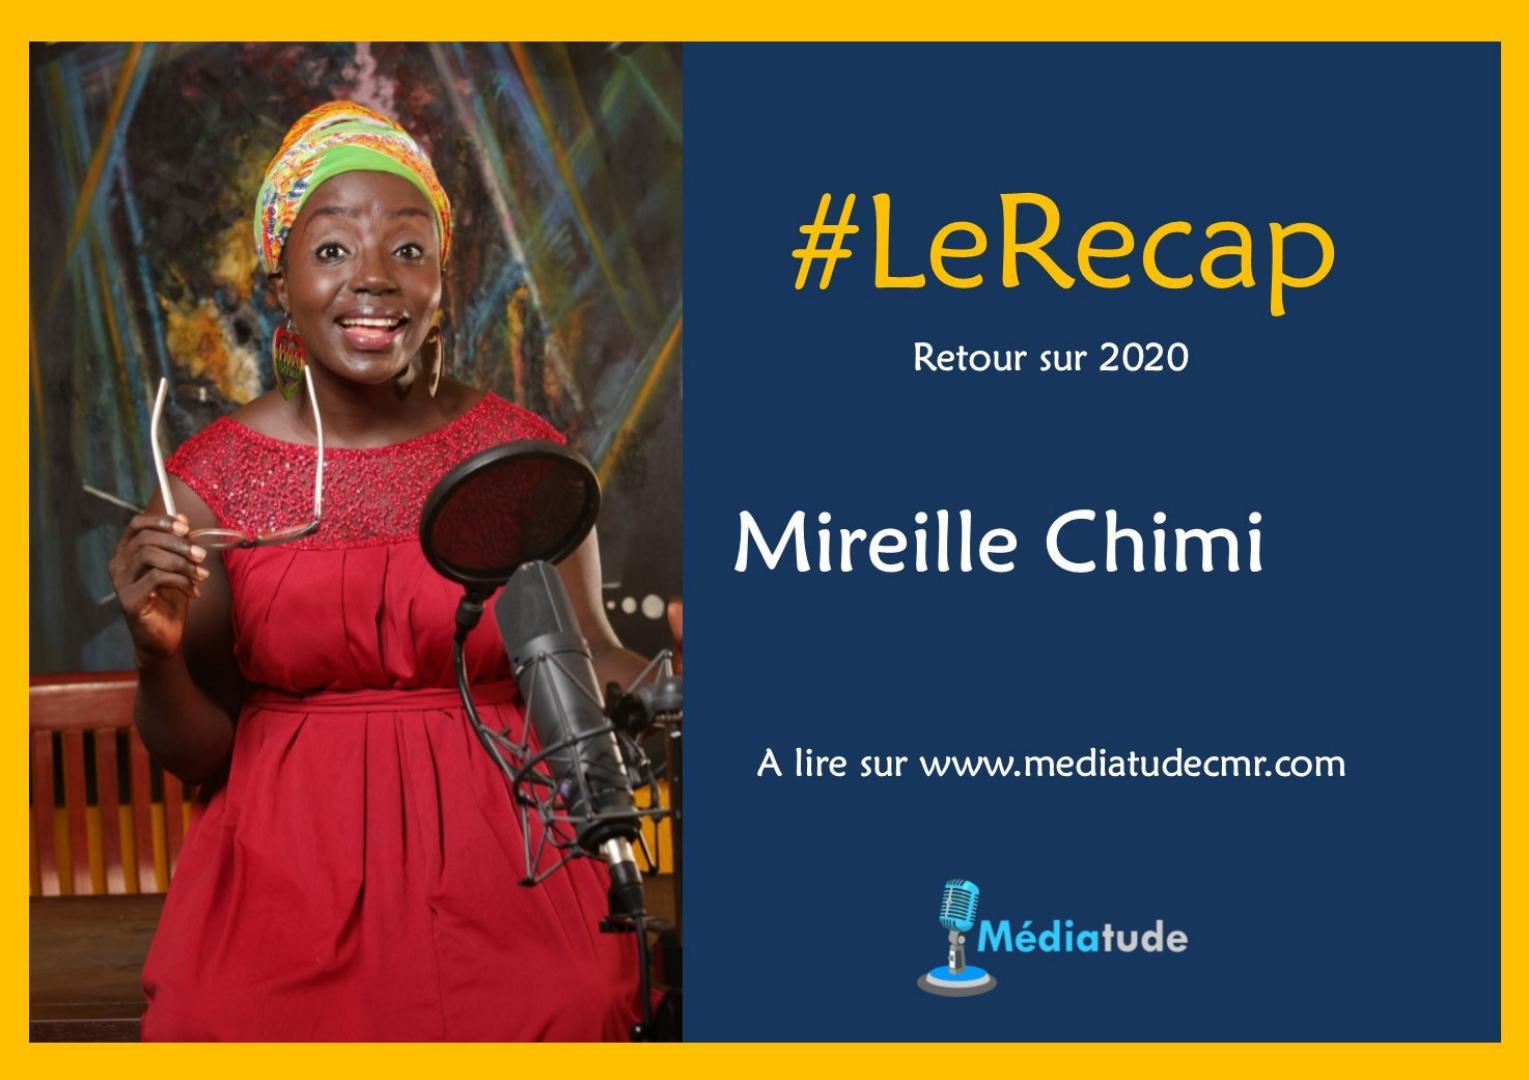 Mireille Chimi fait son recap de l'année média 2020